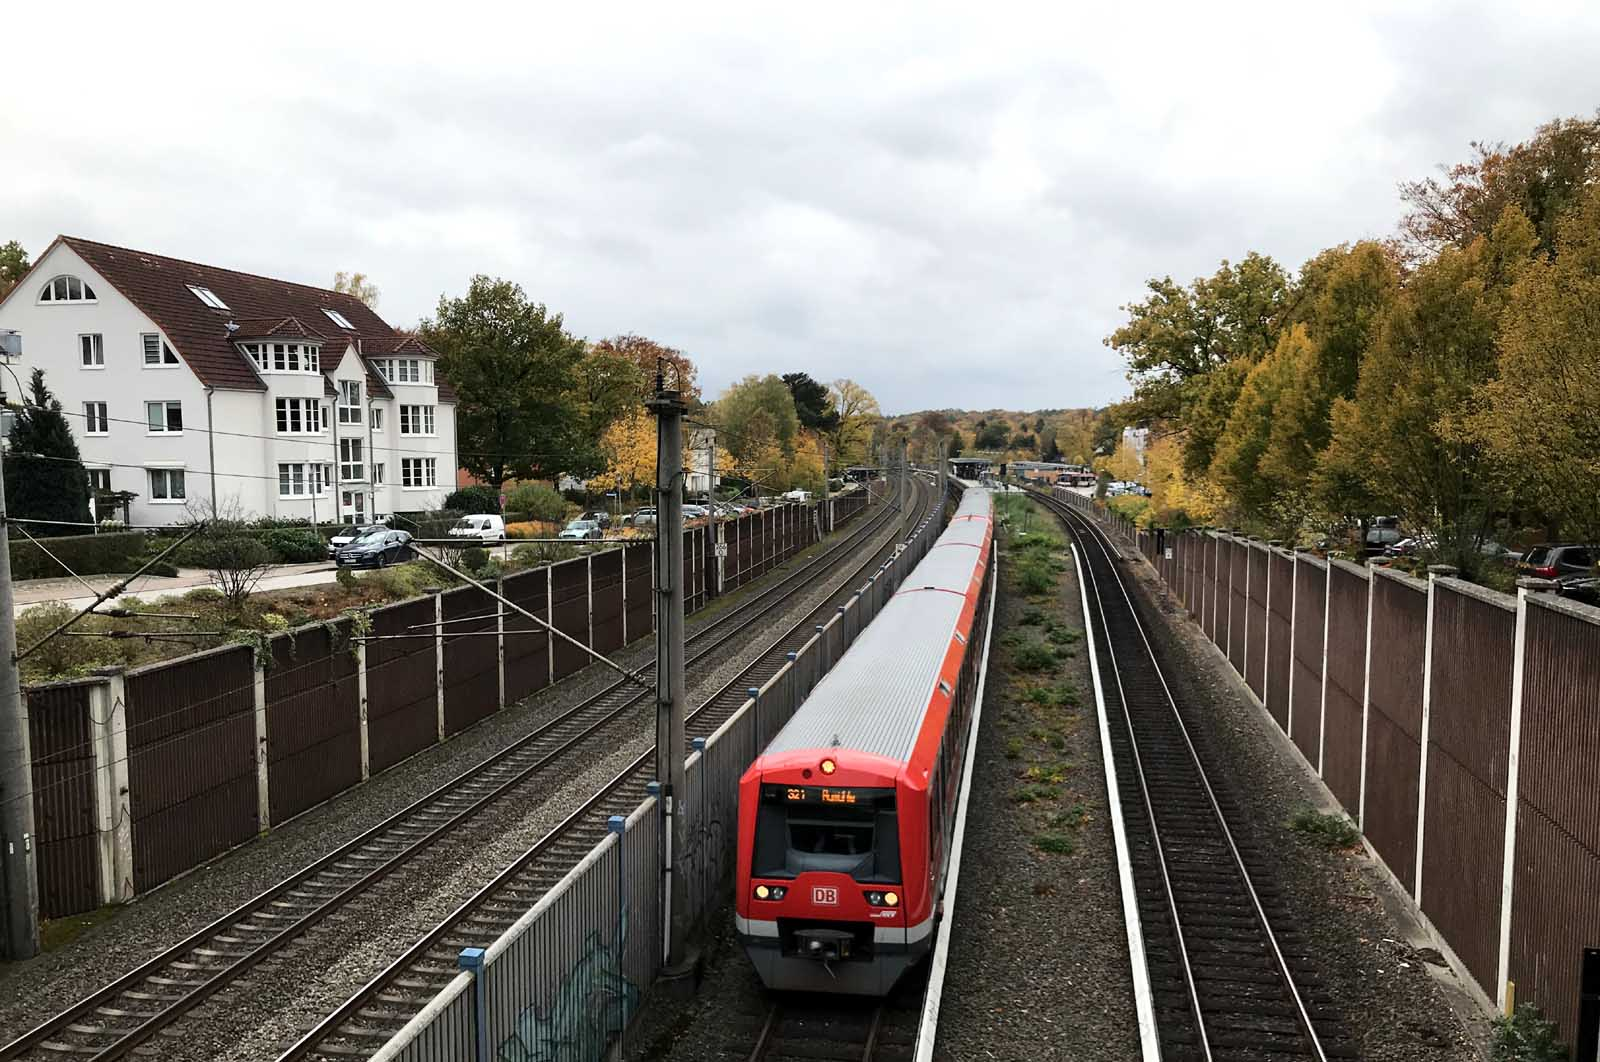 S21 Bahnhof Reinbek